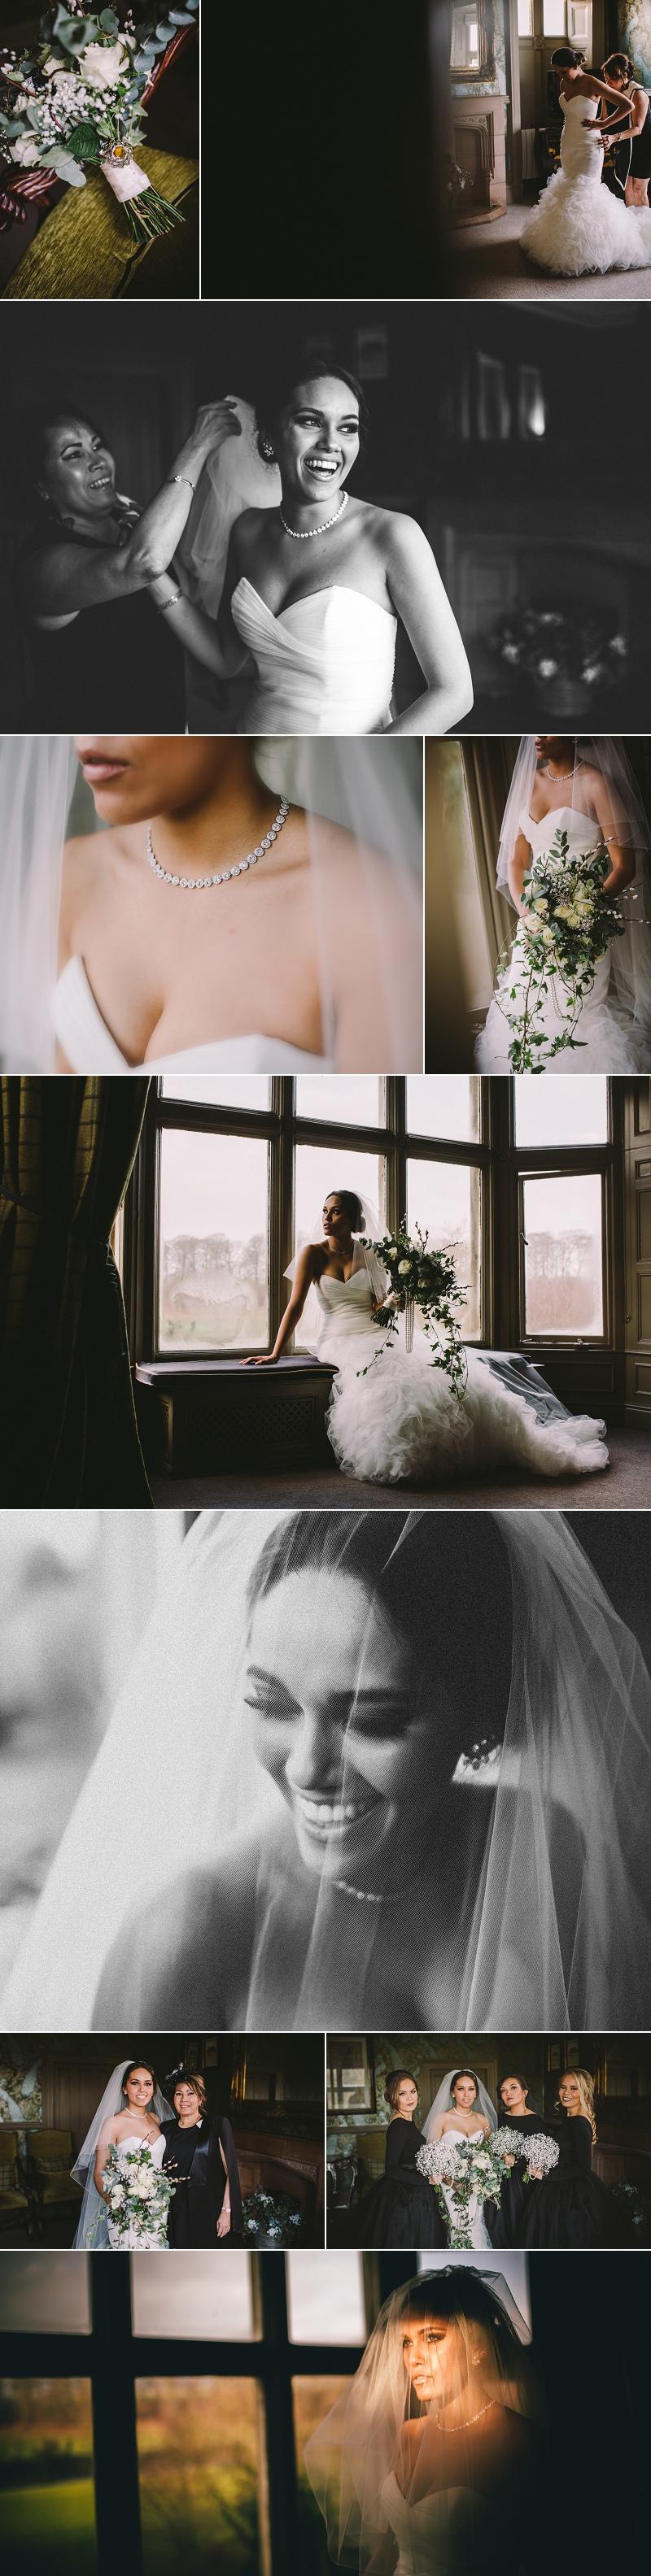 2016-WS-Aimee-Conor- 4.jpg